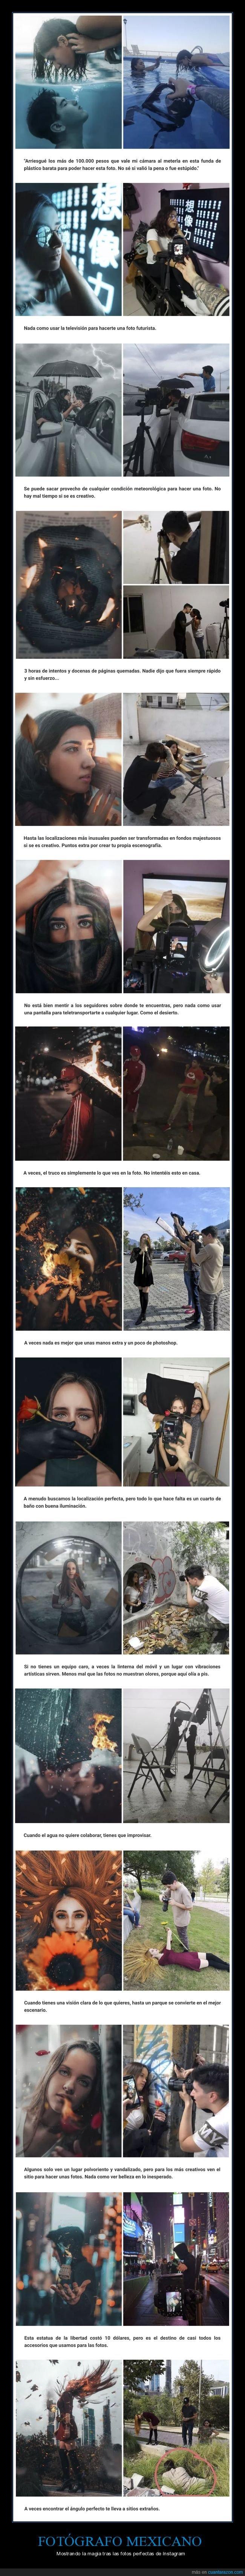 fotografía,fotógrafo,instagram,mexicano